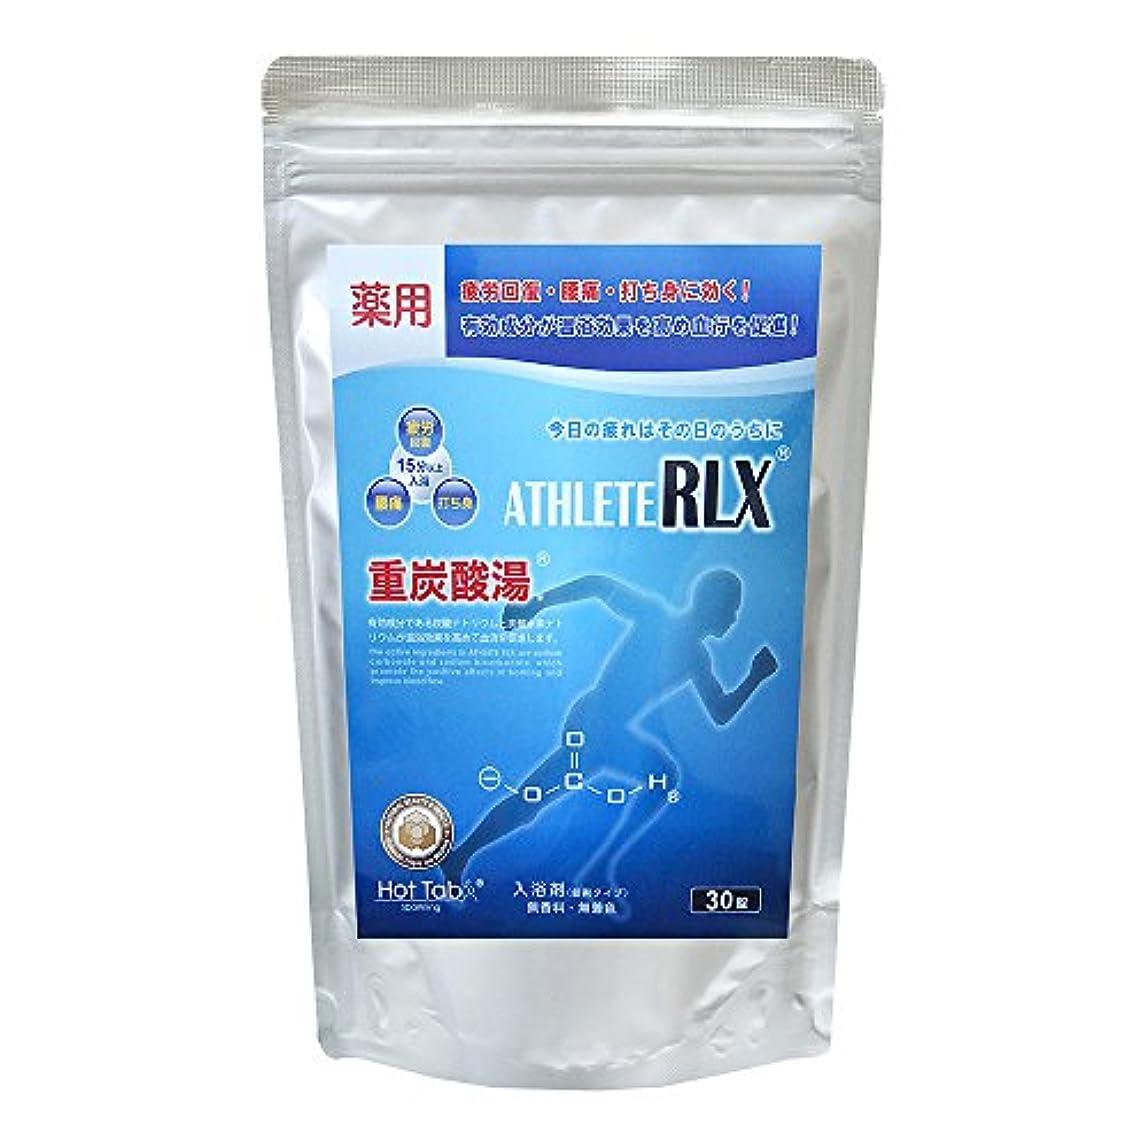 追い付く複雑大陸ホットアルバムコム ATHLETE RLX(アスリートRLX) 薬用 30錠入り